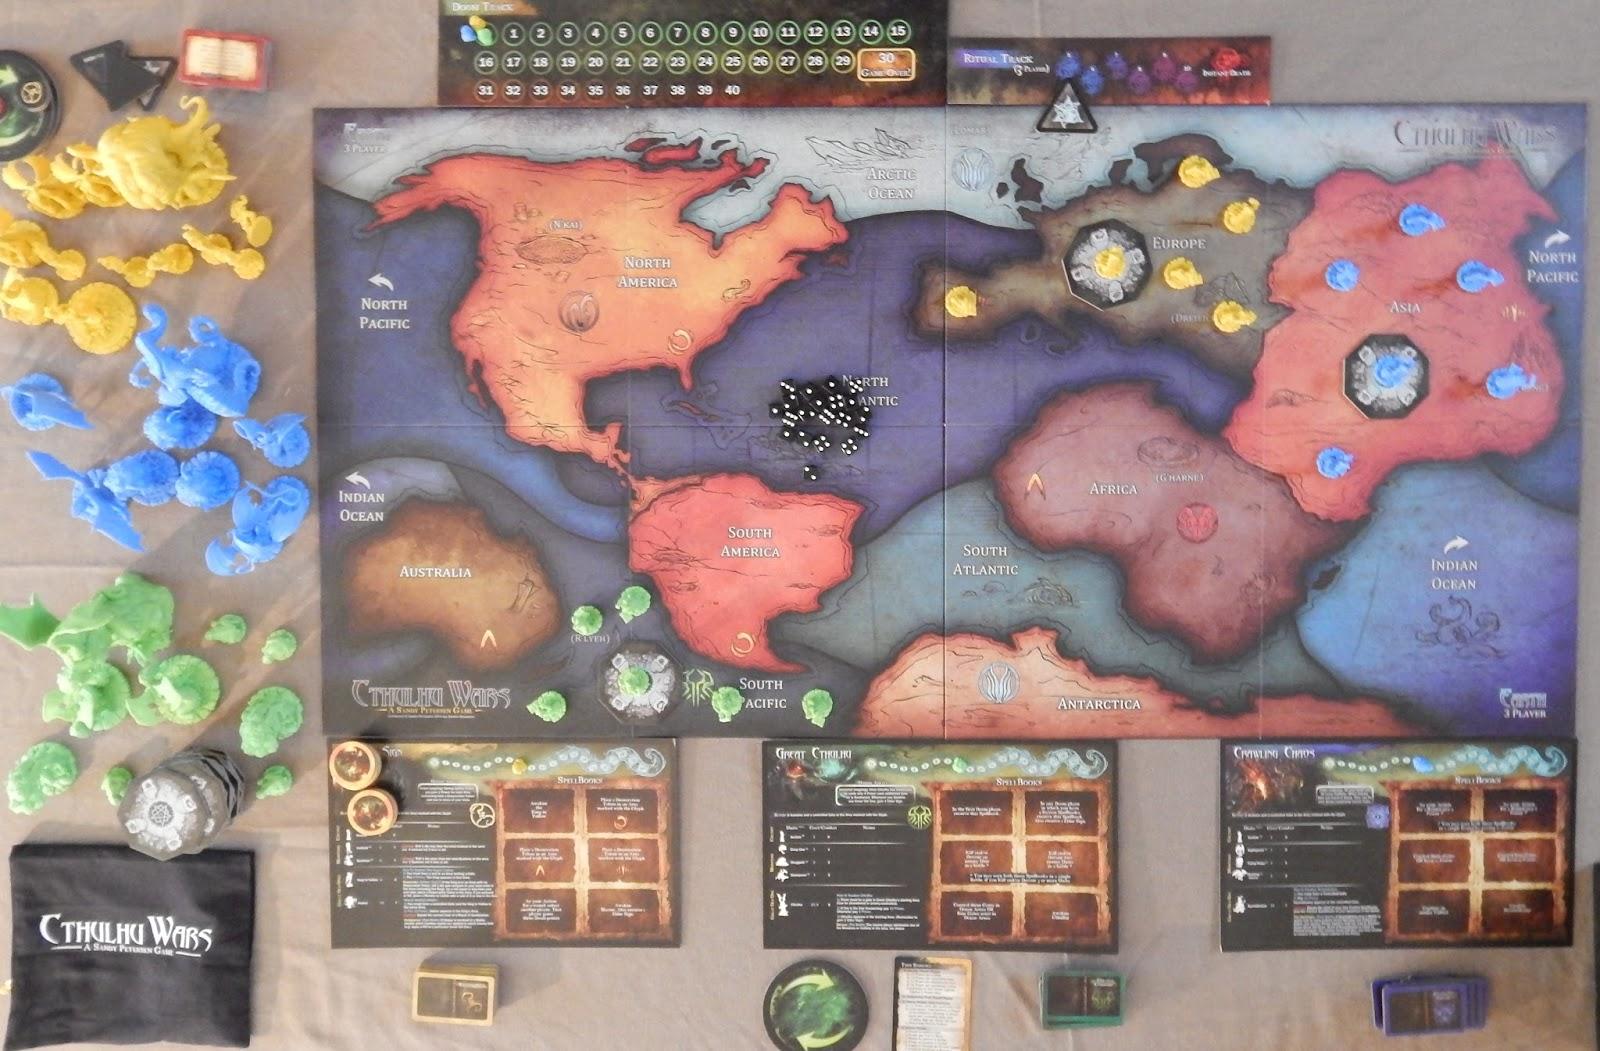 Susurros Desde La Oscuridad Cthulhu Wars Cómo Se Juega - America mapa juego